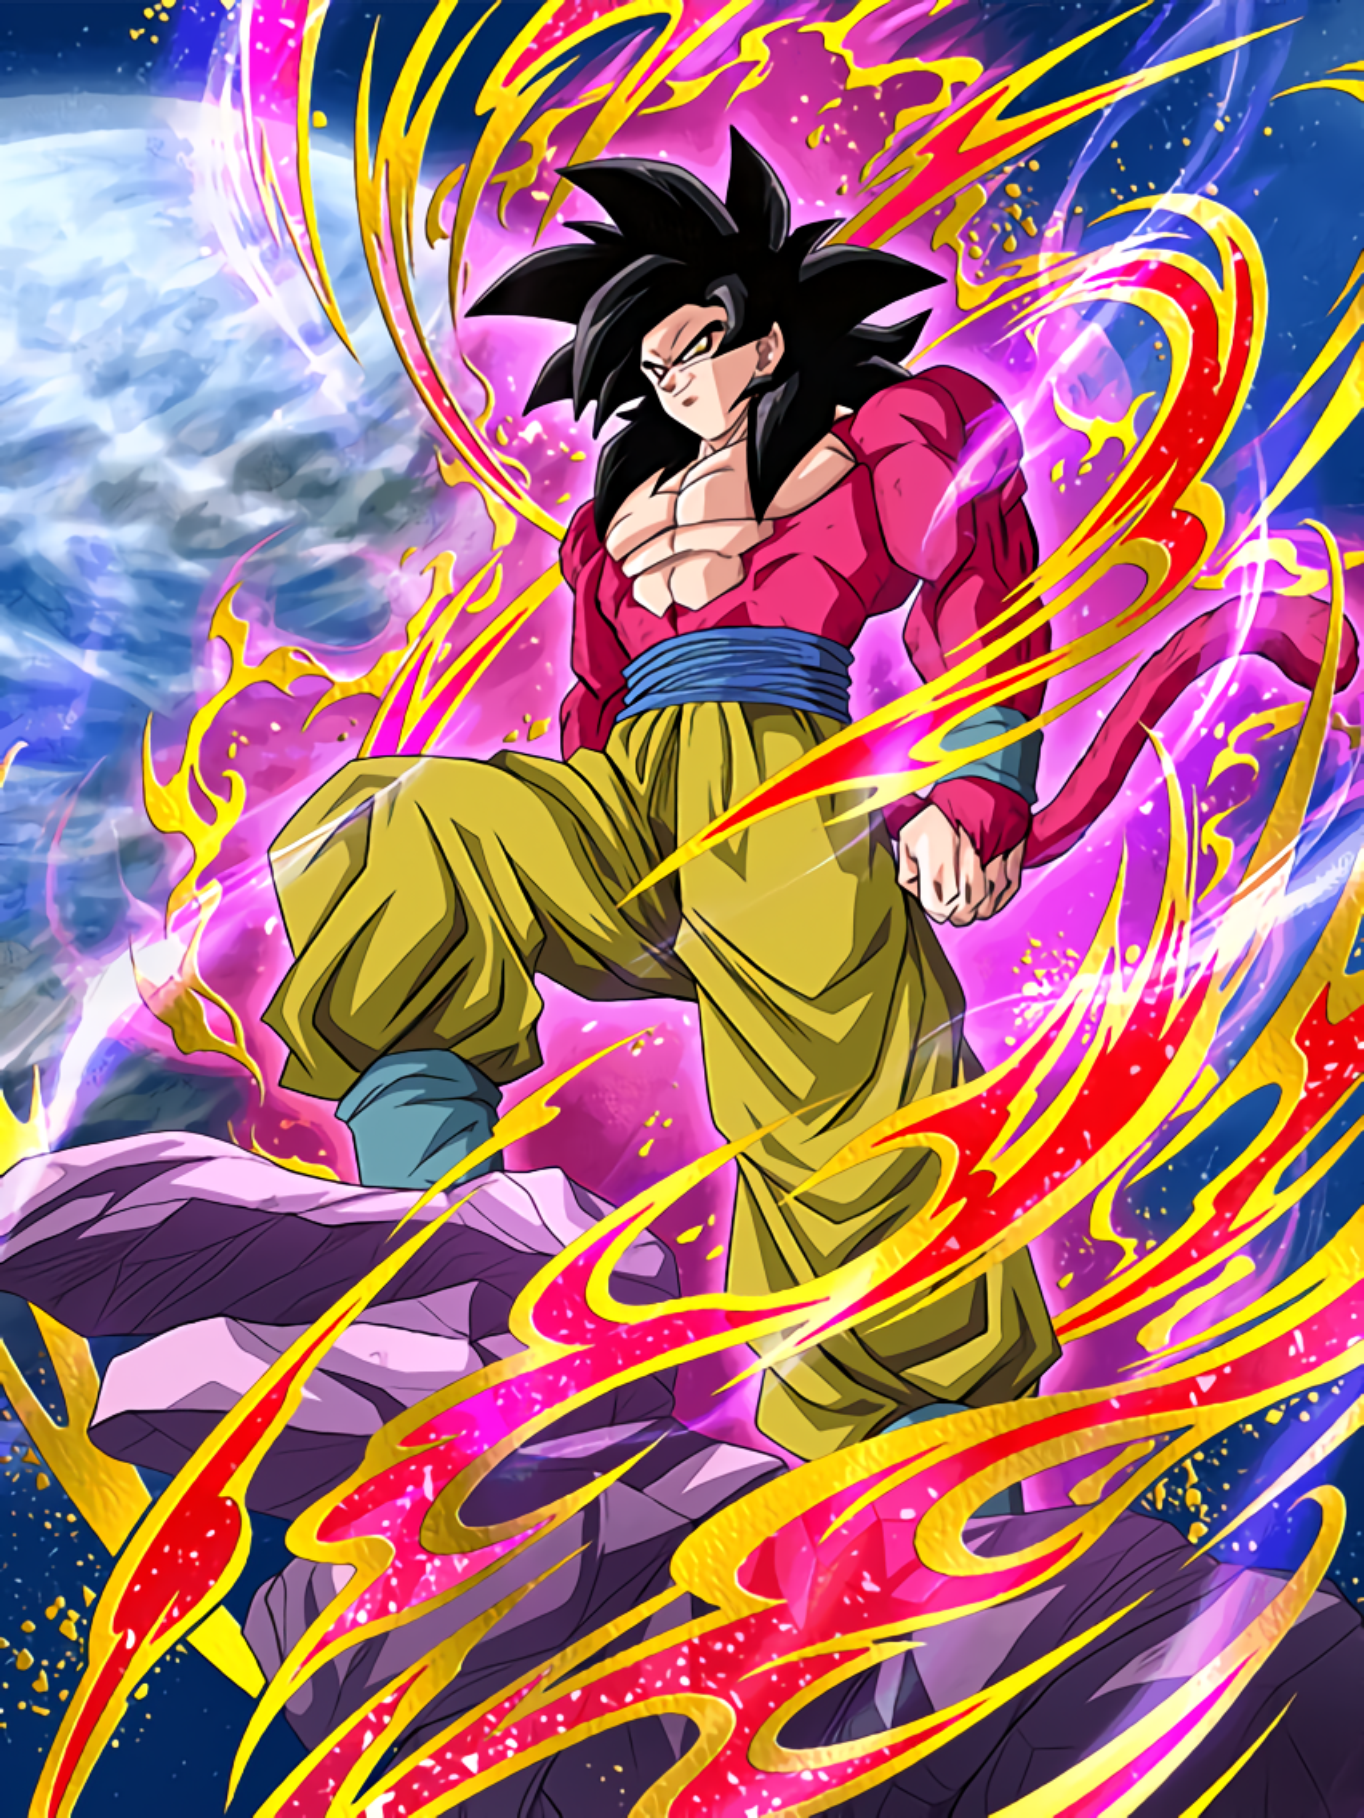 Scarlet Hero Super Saiyan 4 Goku